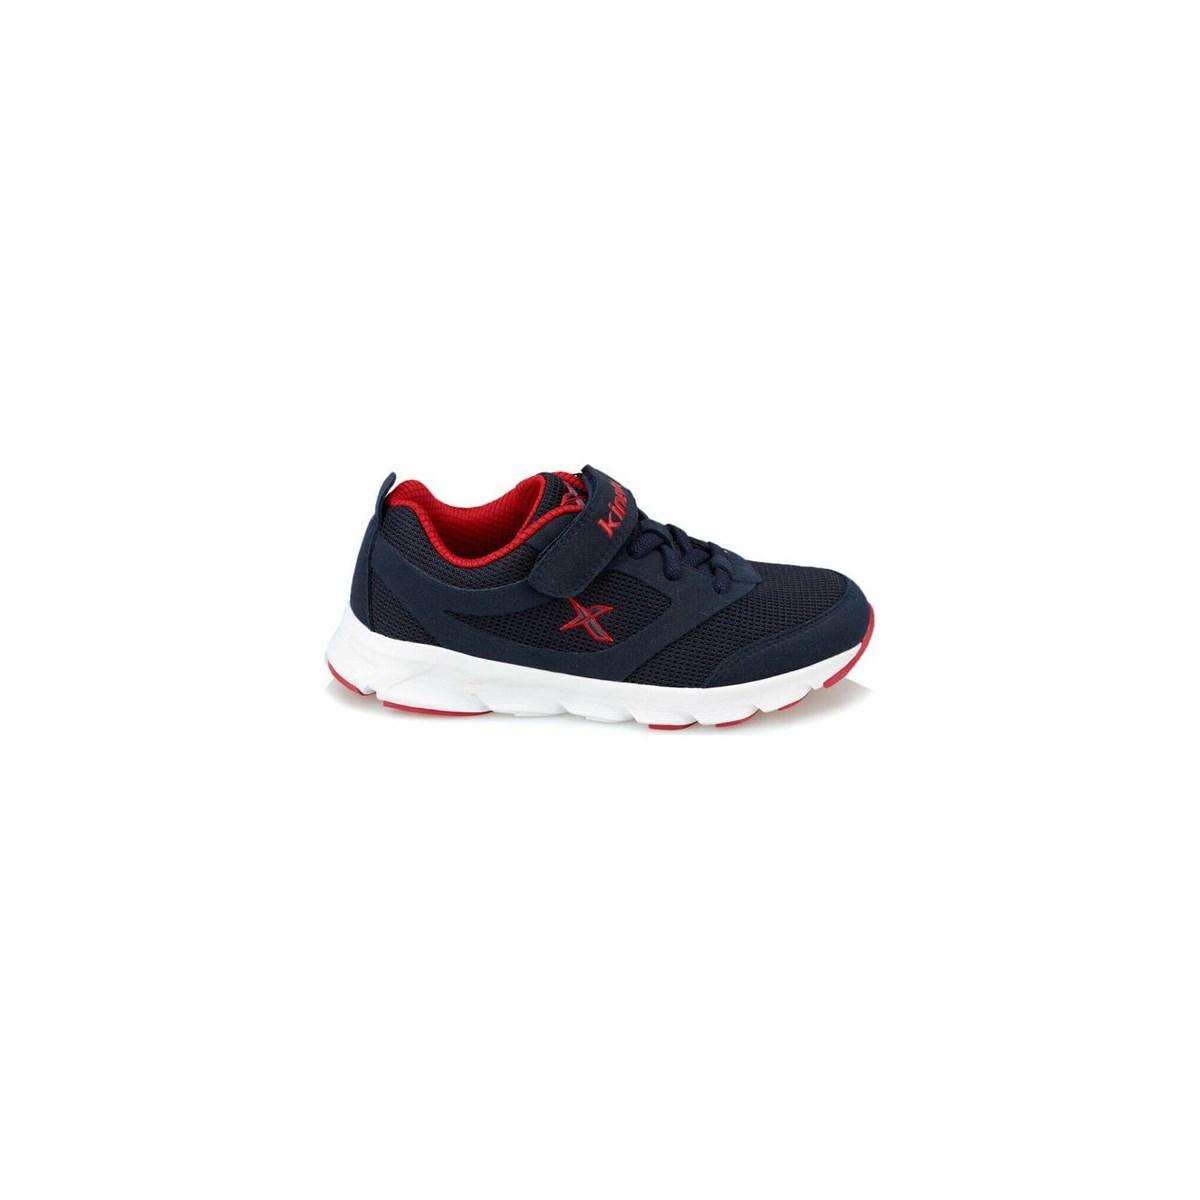 Almera Lacivert Çocuk Koşu ve Yürüyüş Ayakkabısı